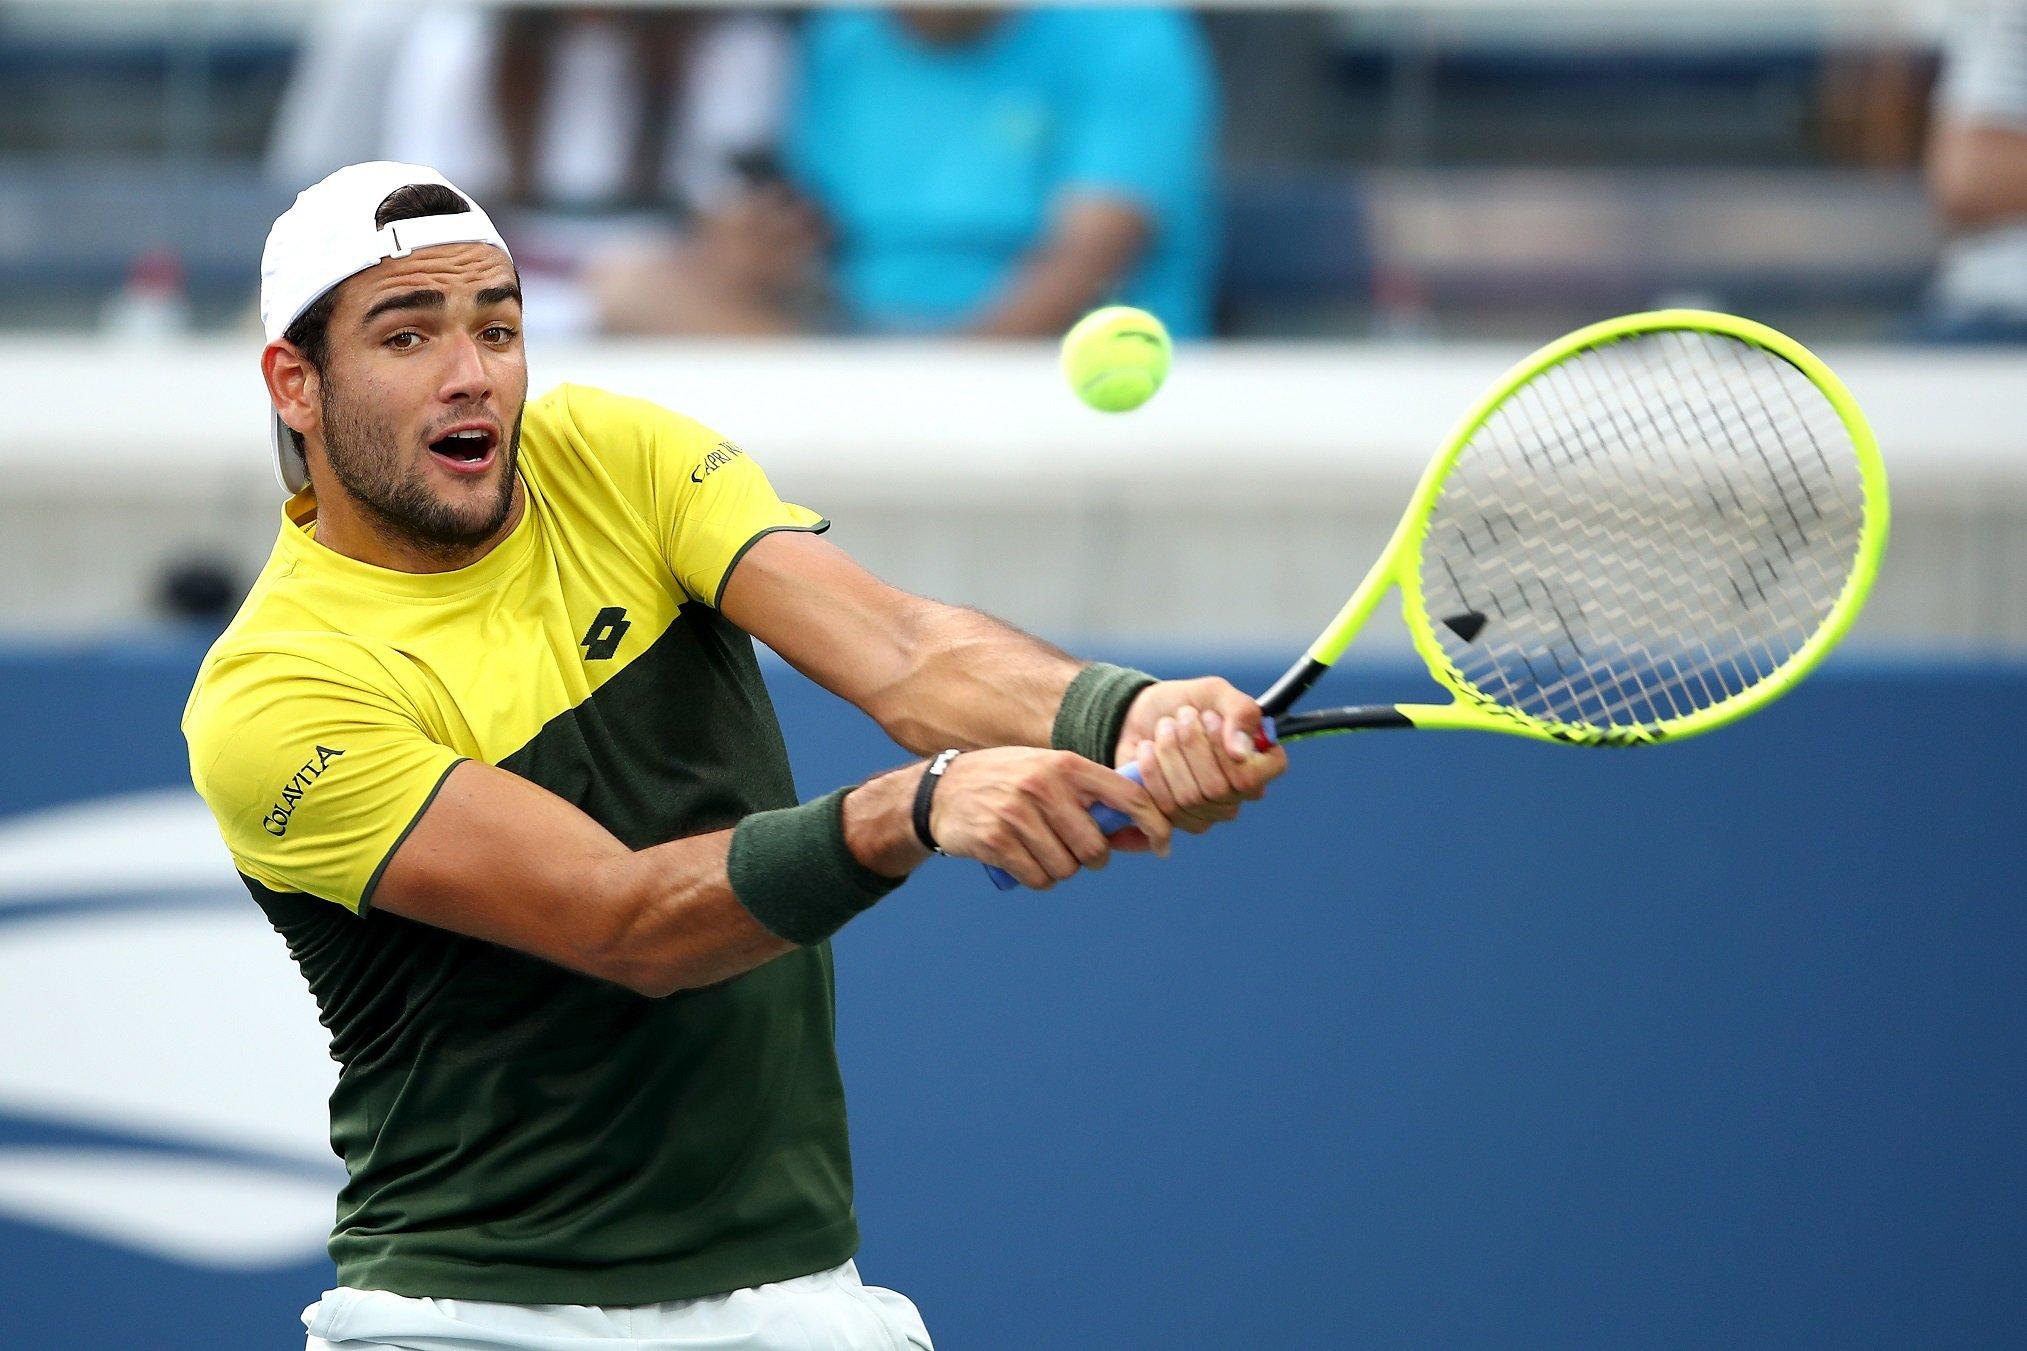 Us Open: Matteo Berrettini batte Rublev e raggiunge i quarti di finale